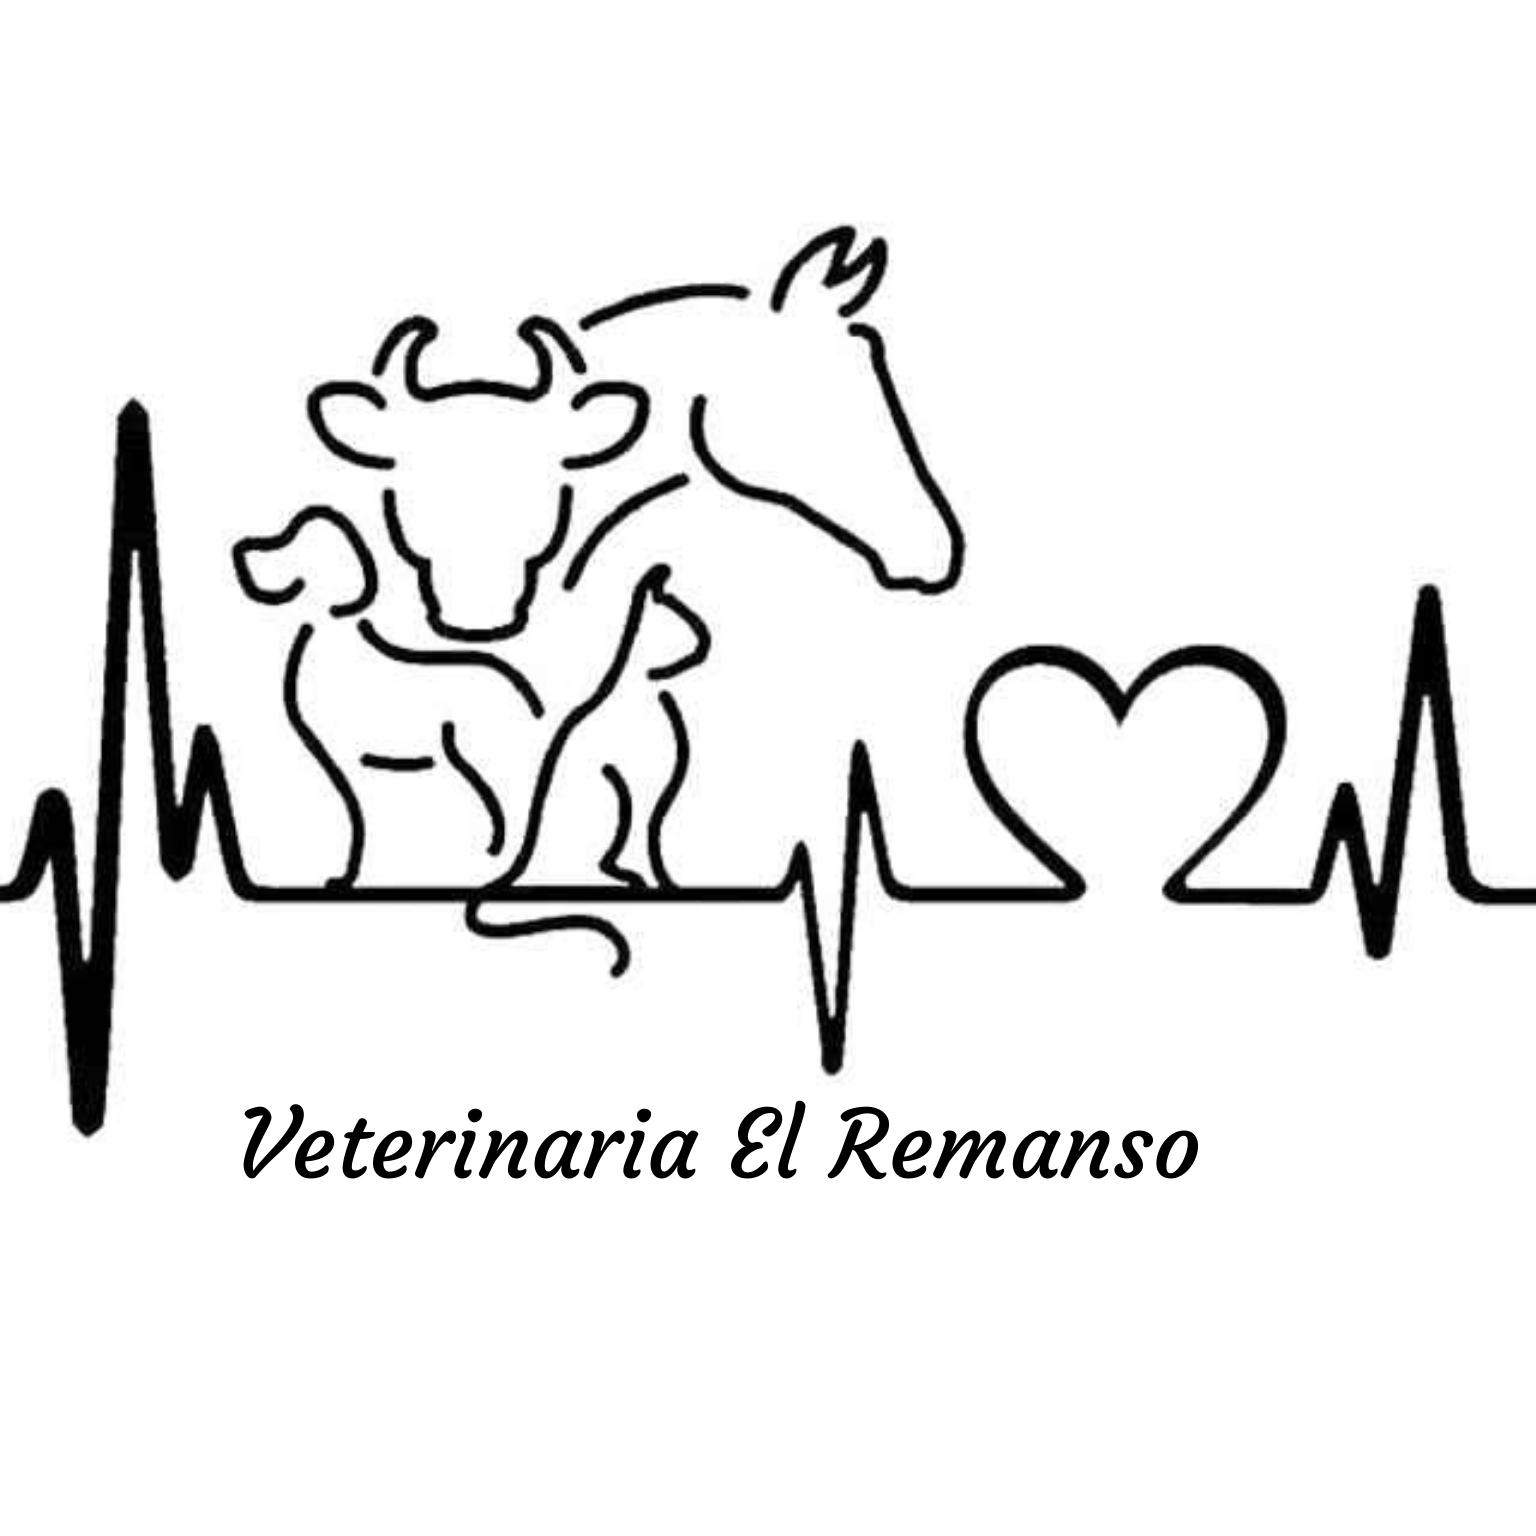 Veterinaria El Remanso